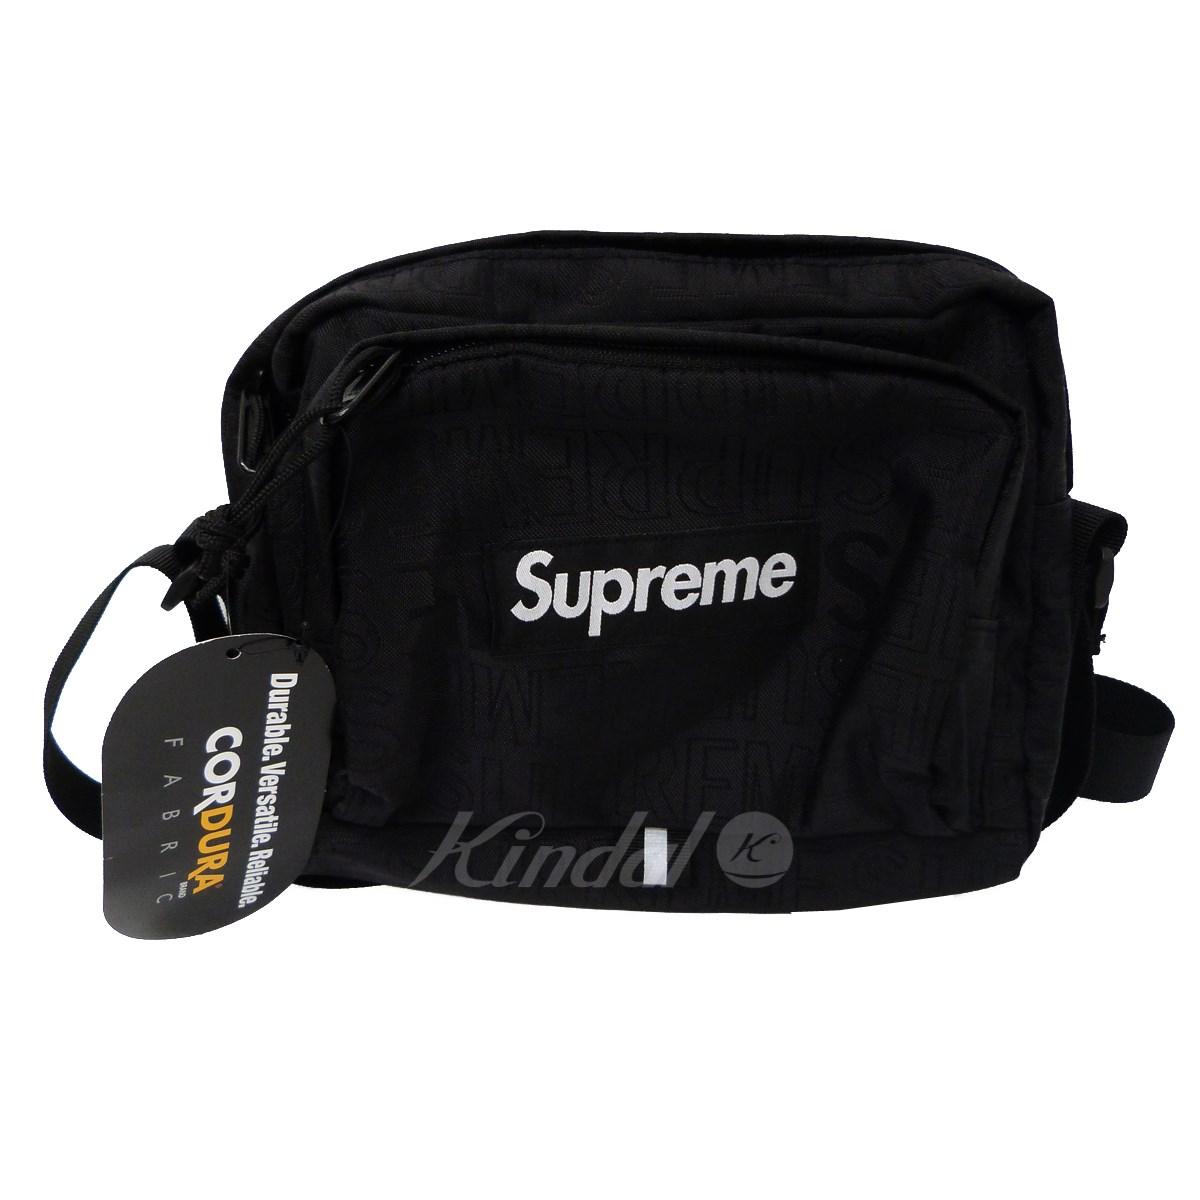 【中古】SUPREME 19SS「Shoulder Bag」ショルダーバッグ ブラック 【送料無料】 【140319】(シュプリーム)